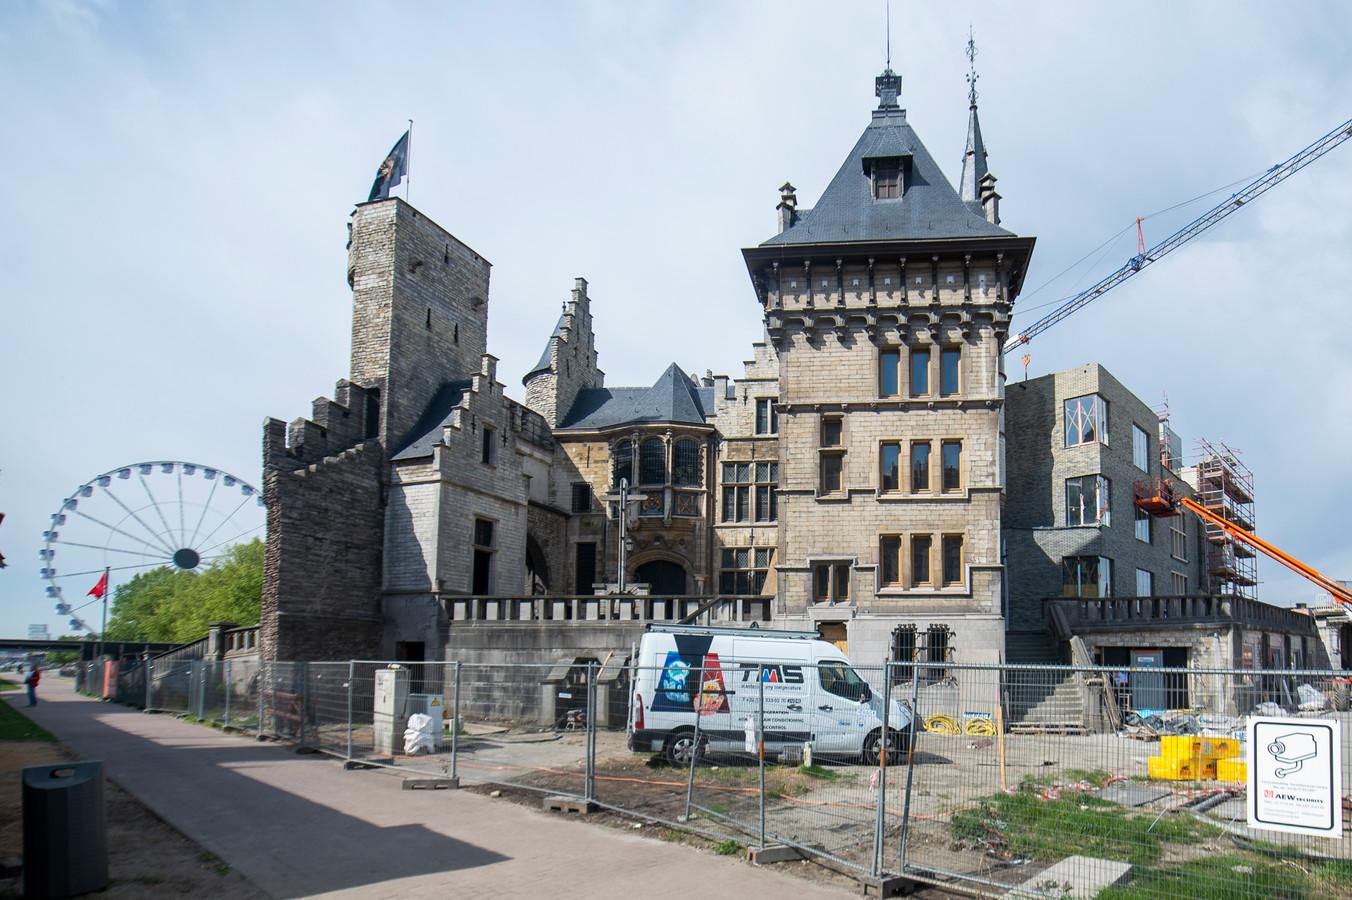 De nieuwe aanbouw aan het Steen in Antwerpen kan niet op veel lof rekenen.